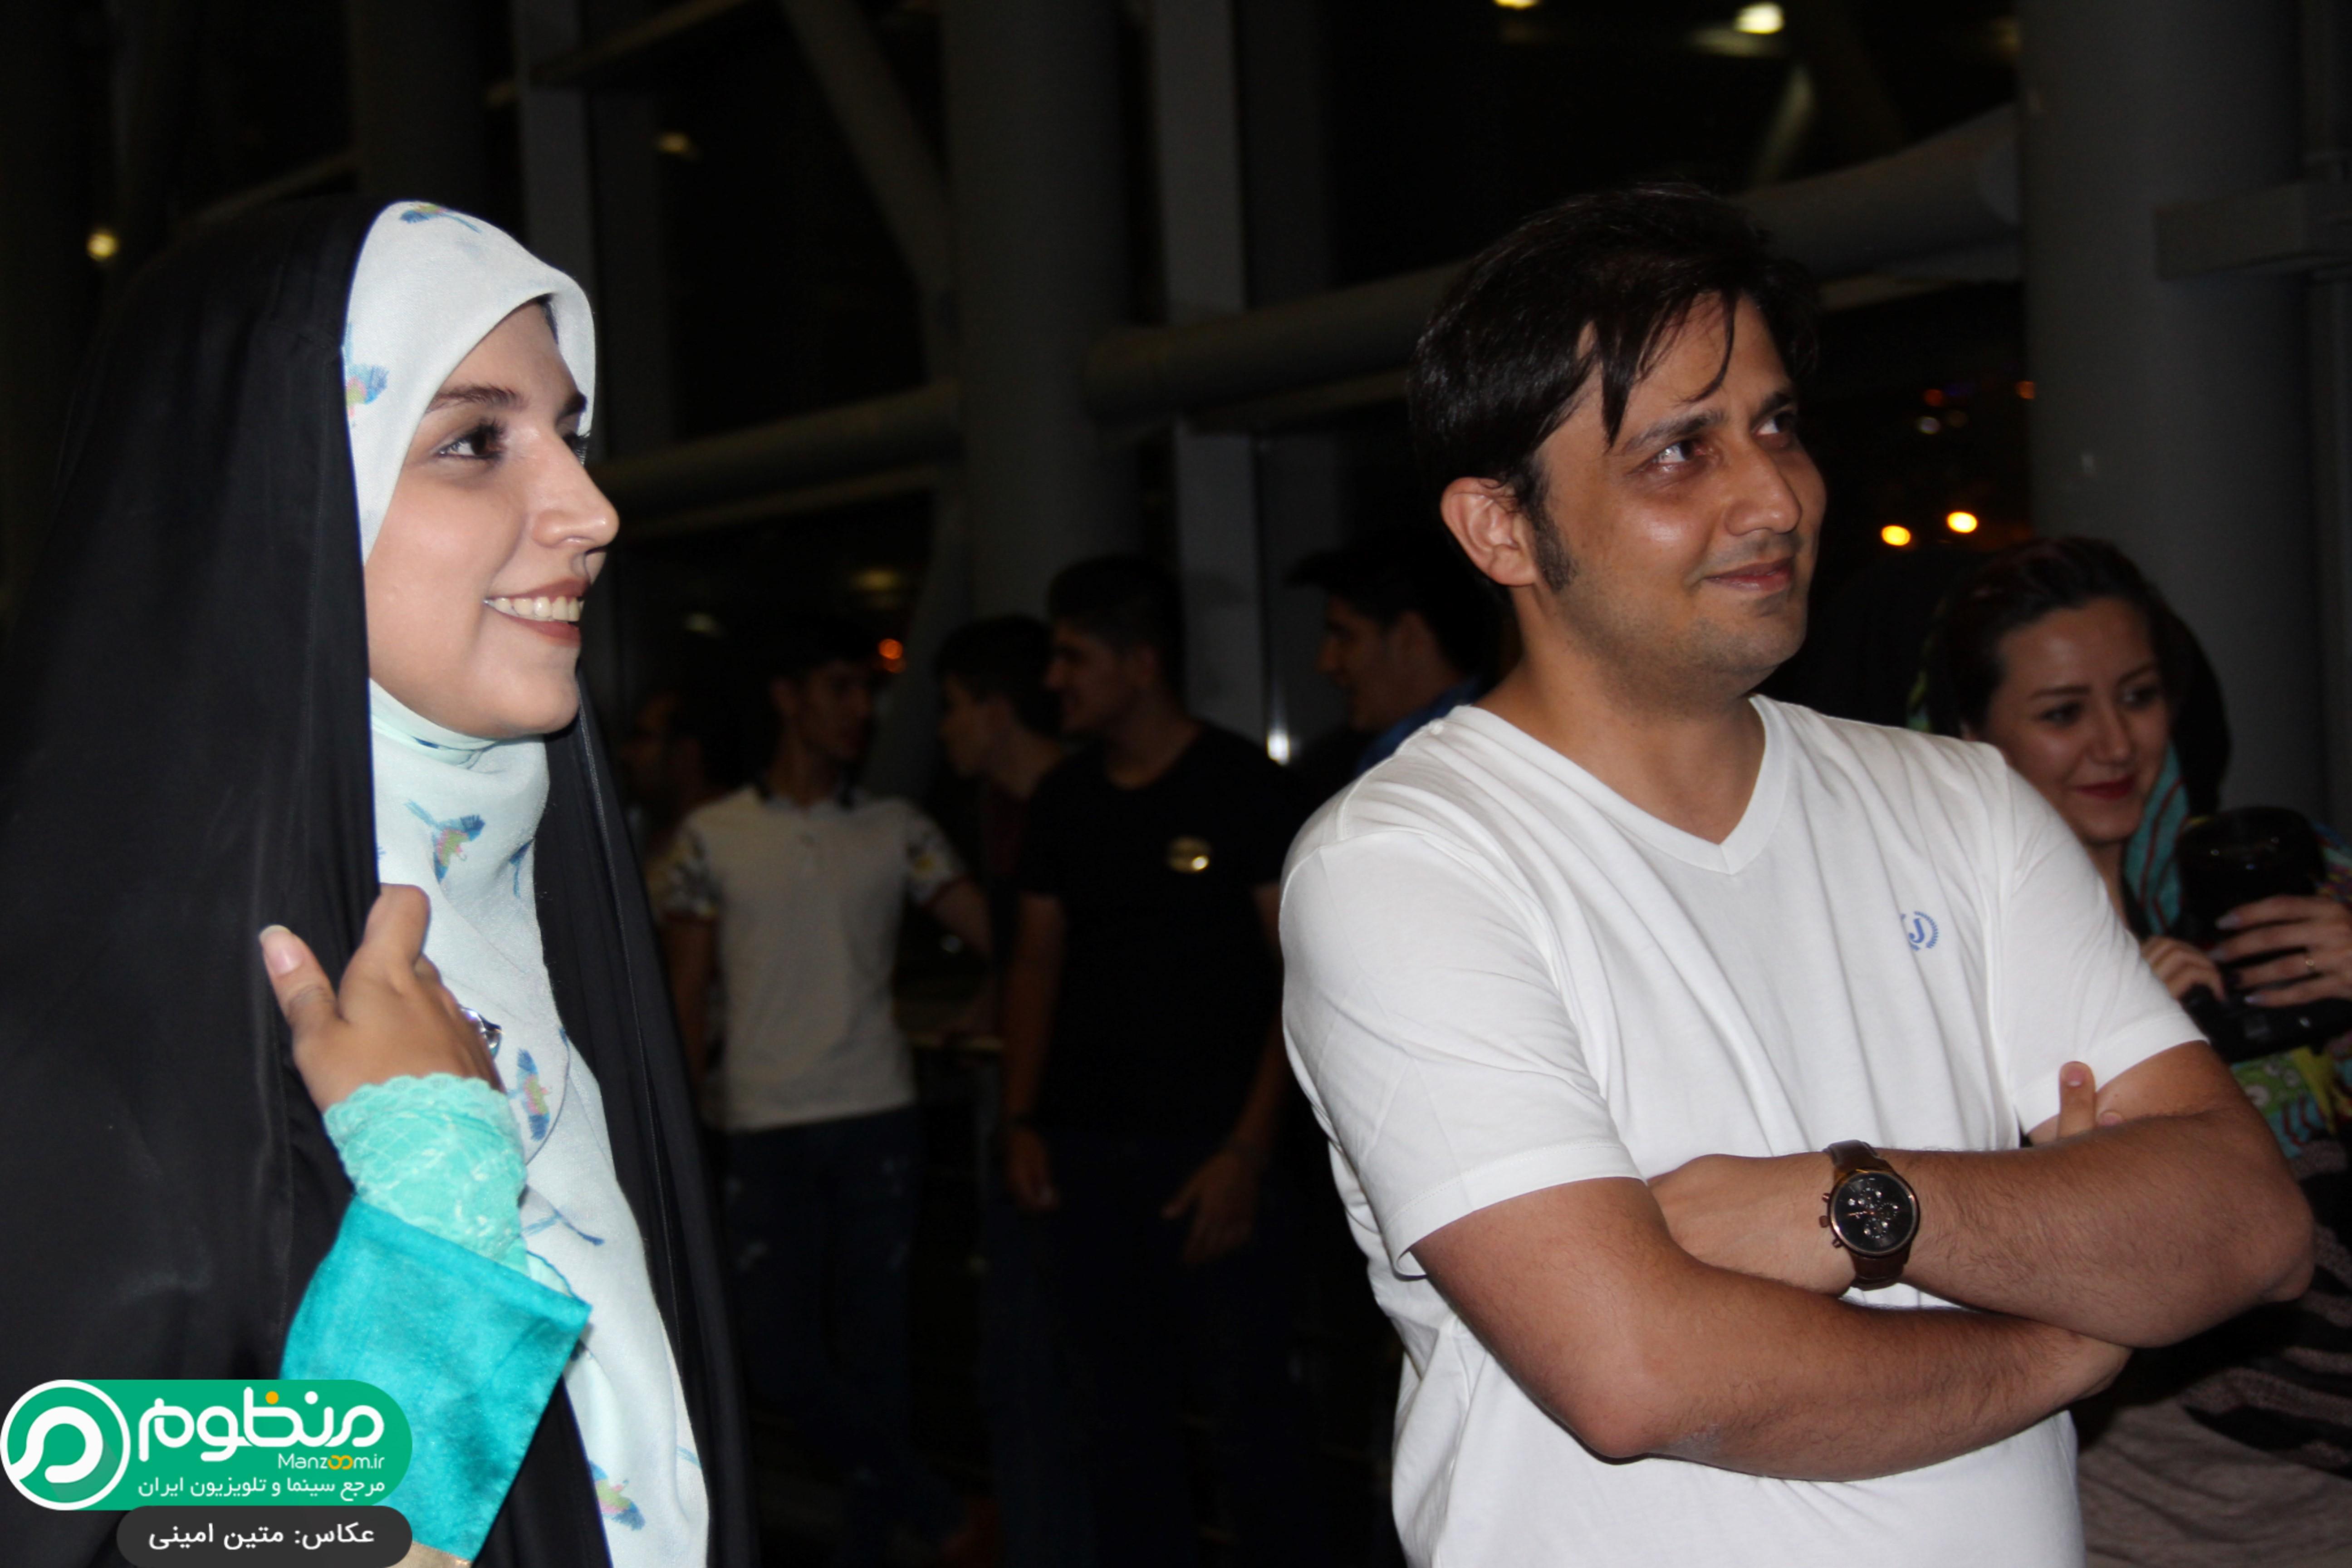 محمدرضا خردمندان و مژده لواسانی در افتتاحیه فیلم 21 روز بعد